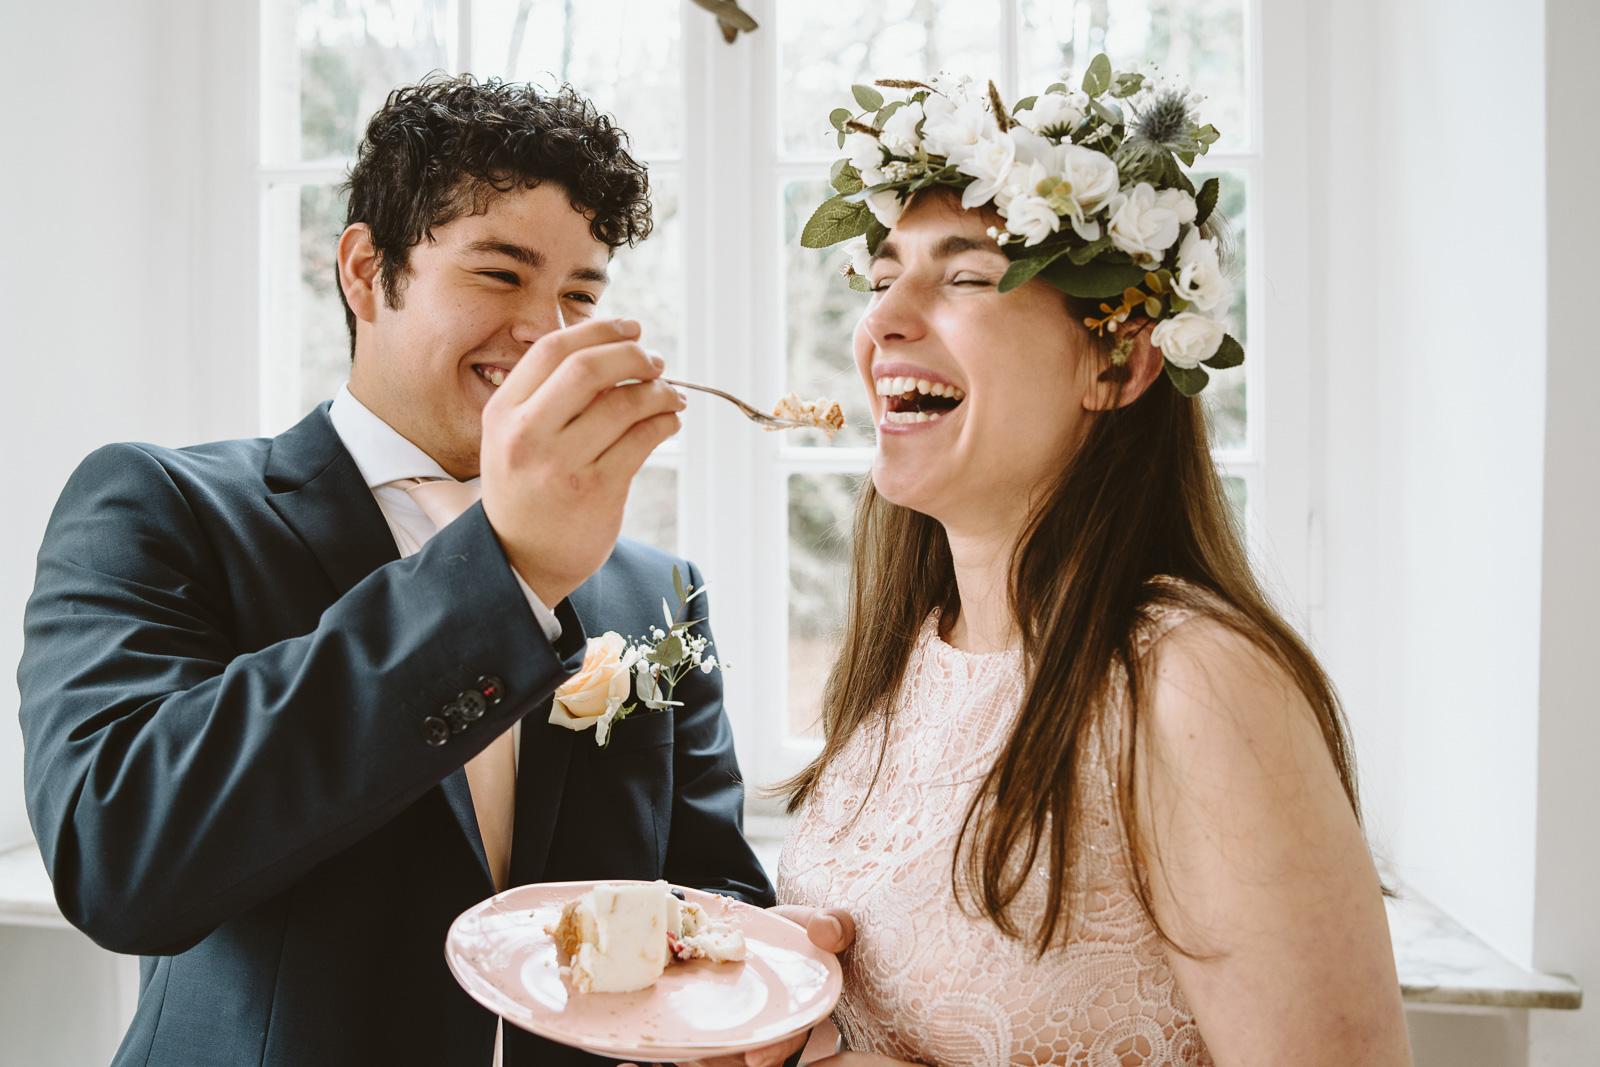 Hochzeitsfotografie - Mann füttert Frau mit Hochzeitstorte